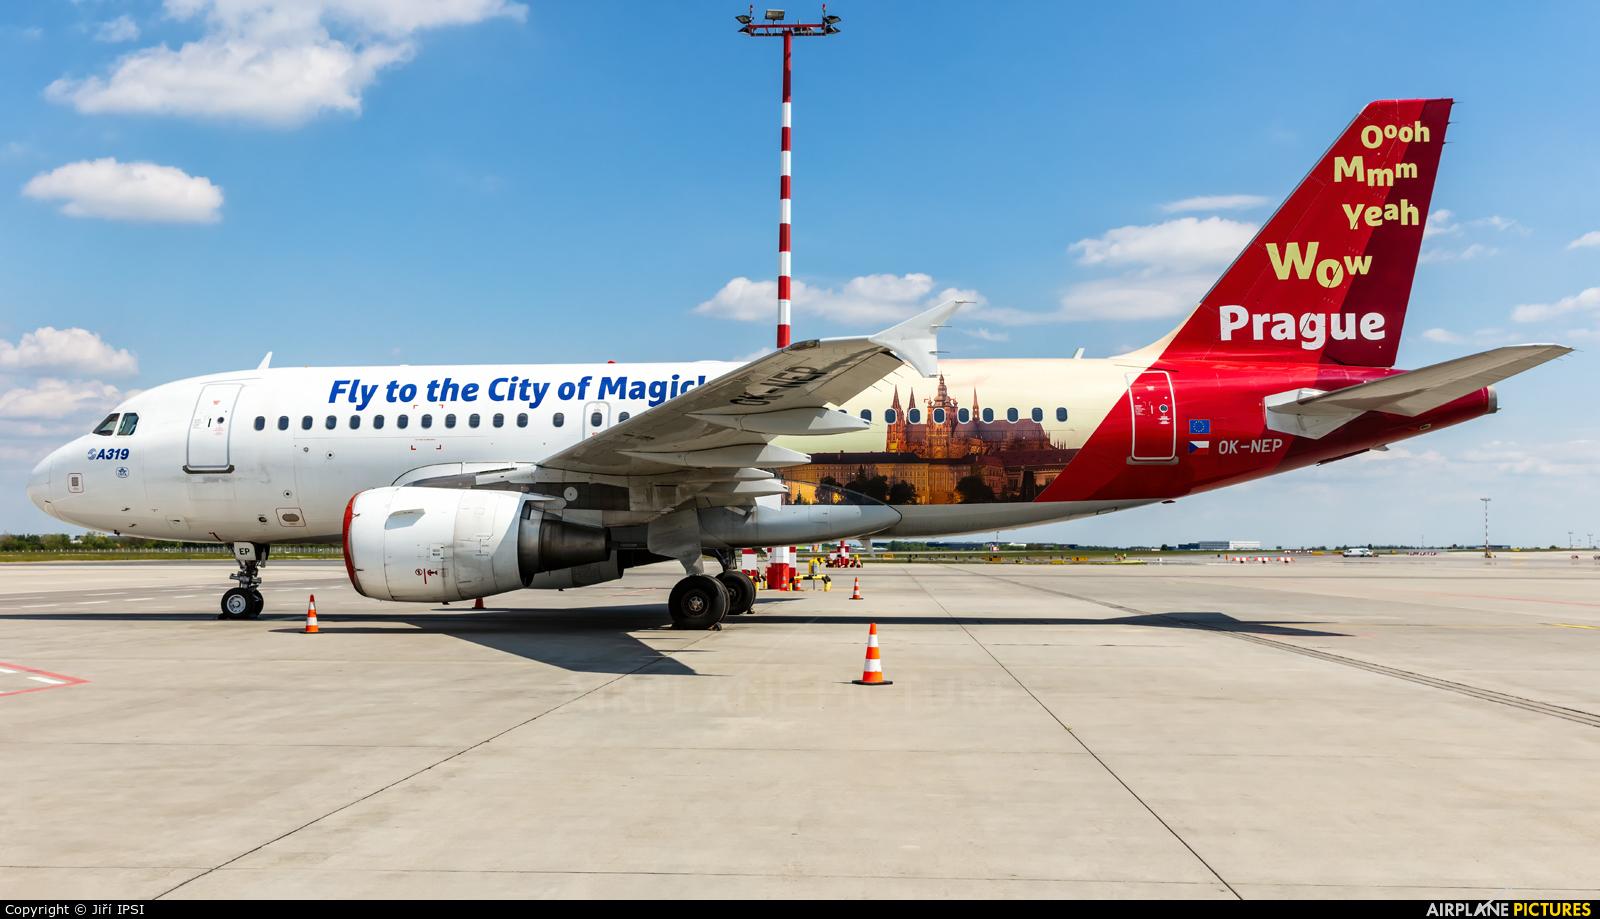 CSA - Czech Airlines OK-NEP aircraft at Prague - Václav Havel